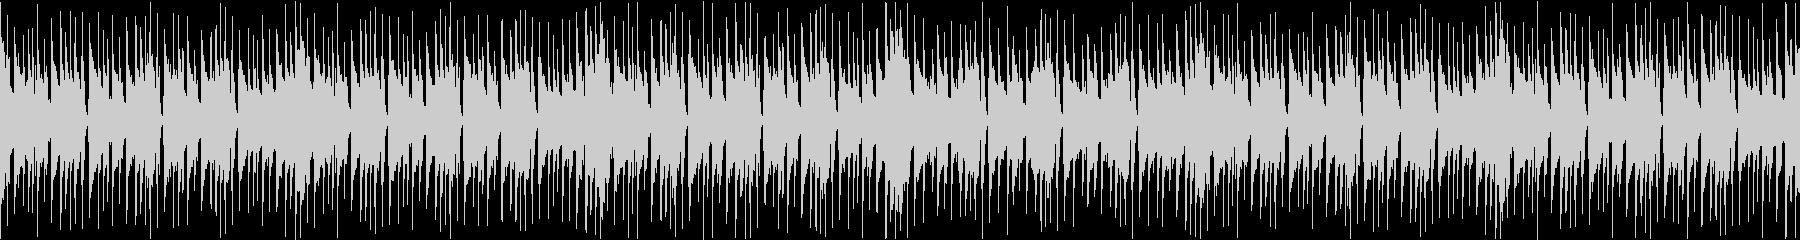 休暇をイメージしたピアノBGMループ版の未再生の波形